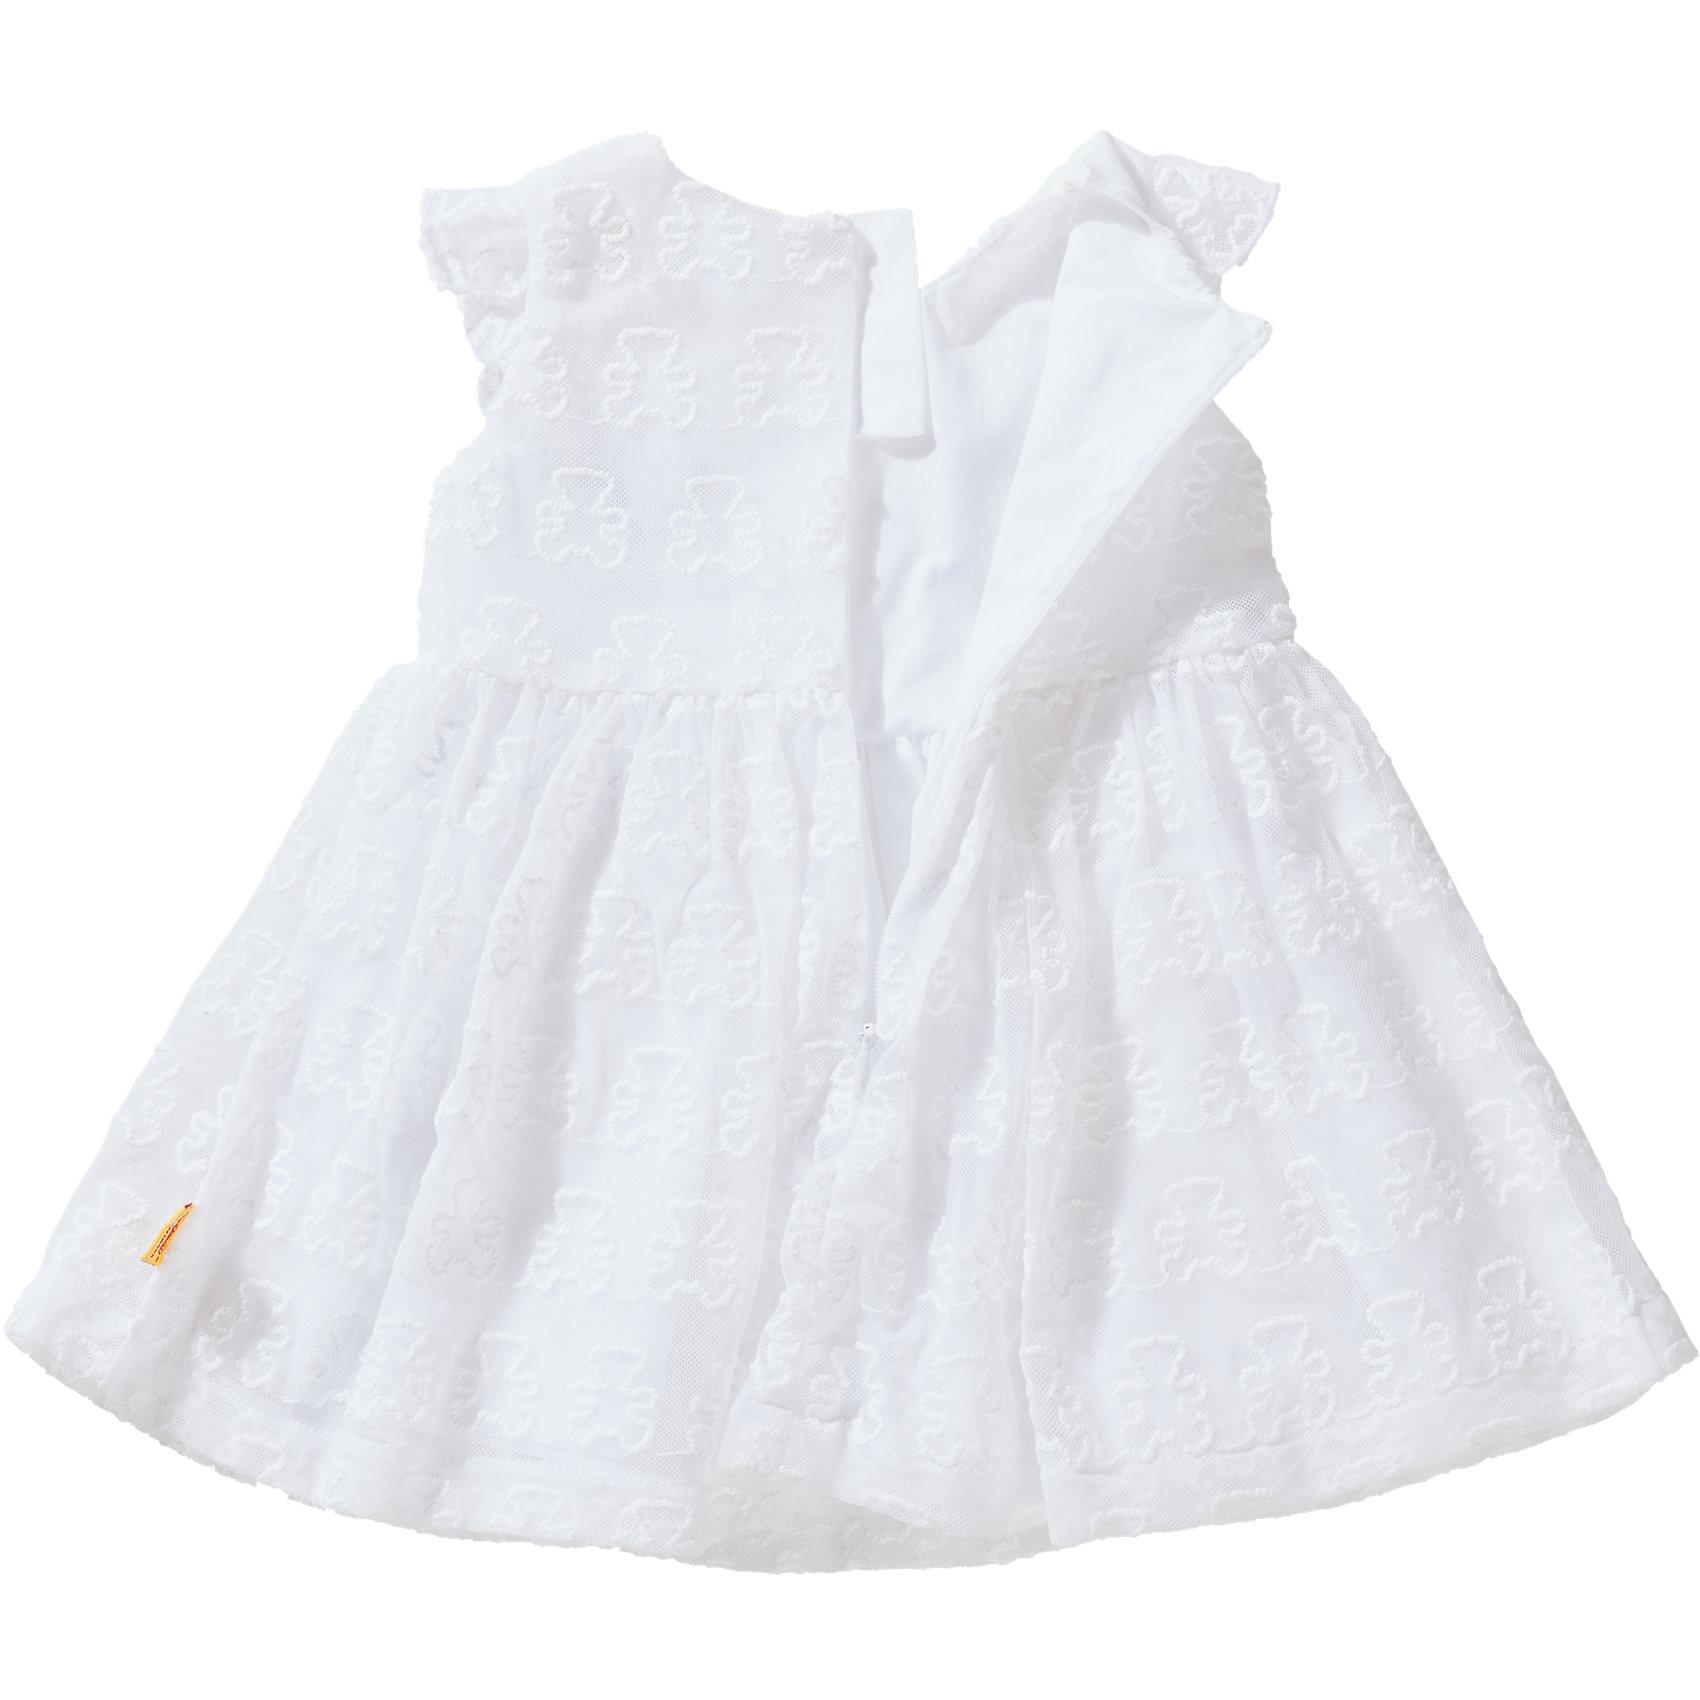 WeißEbay KleidSpitze 7374141 Mädchen Für Baby Neu Steiff wkN8nOP0X